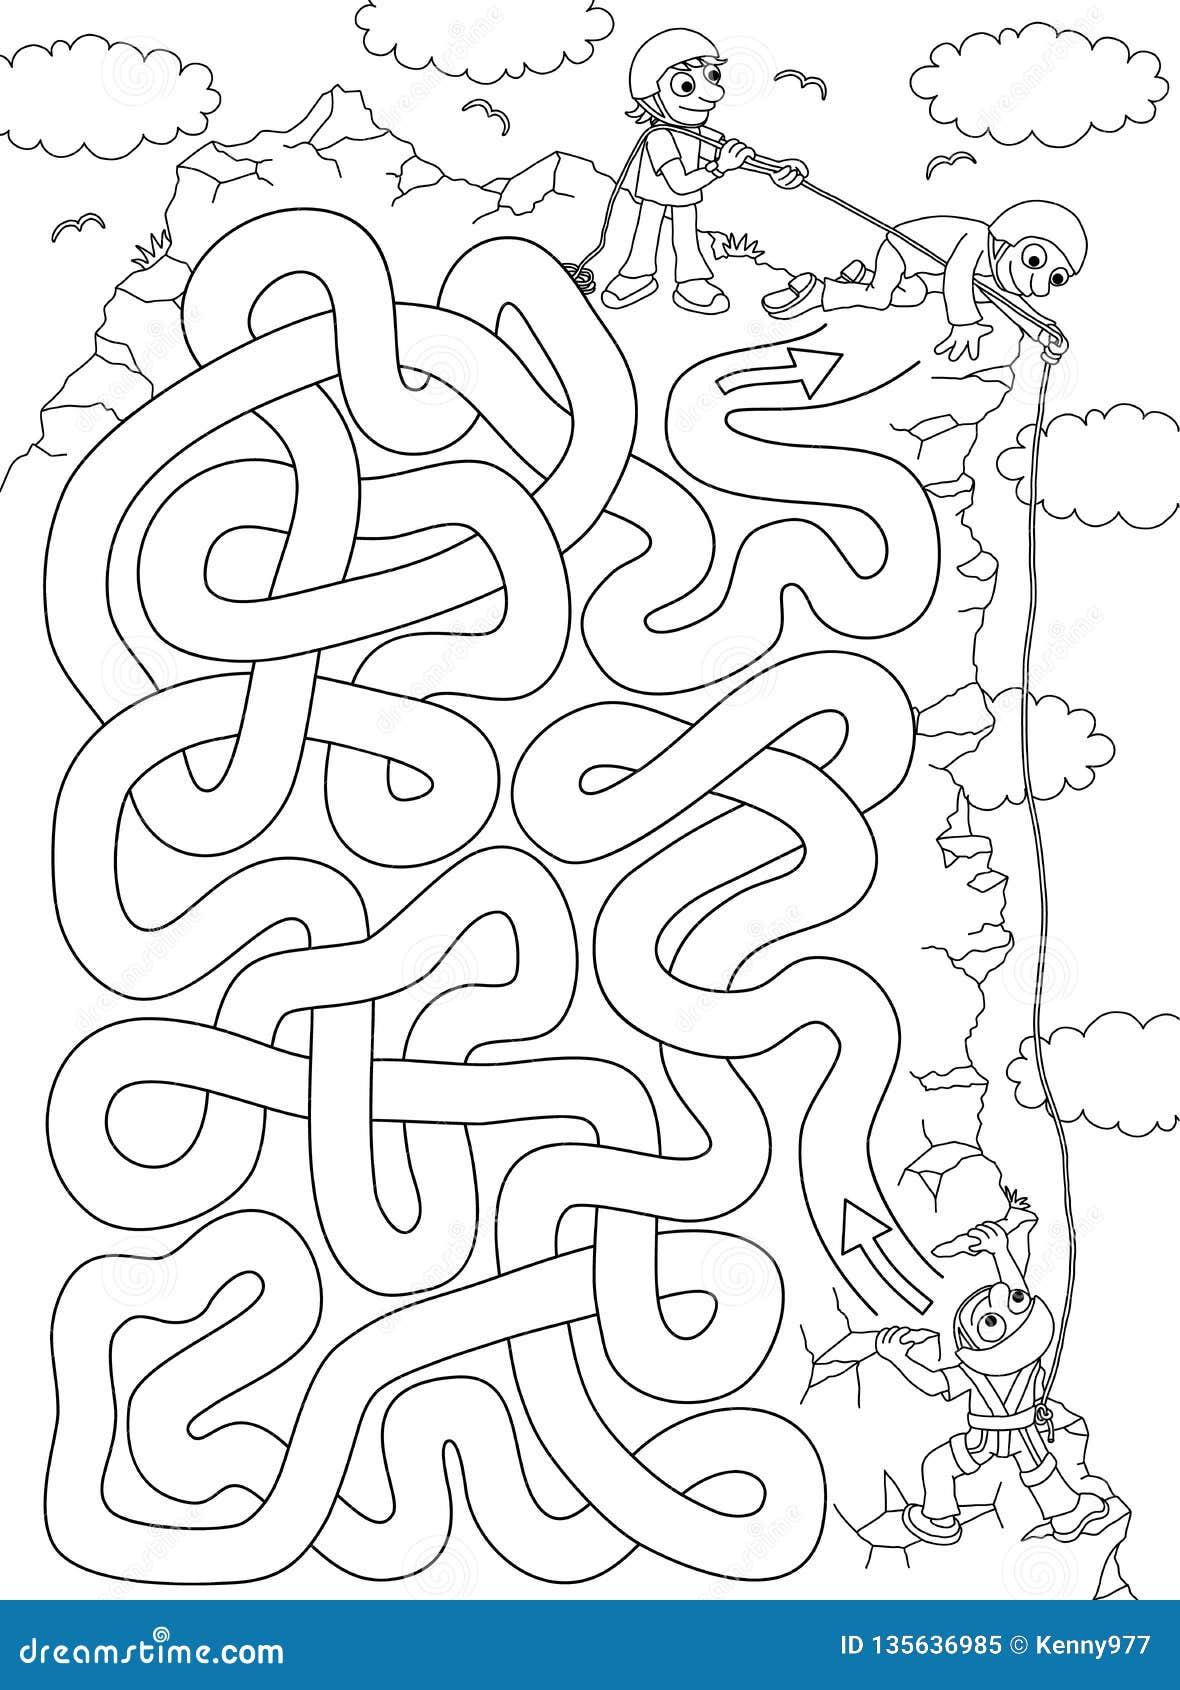 Montanhista - labirinto para crianças